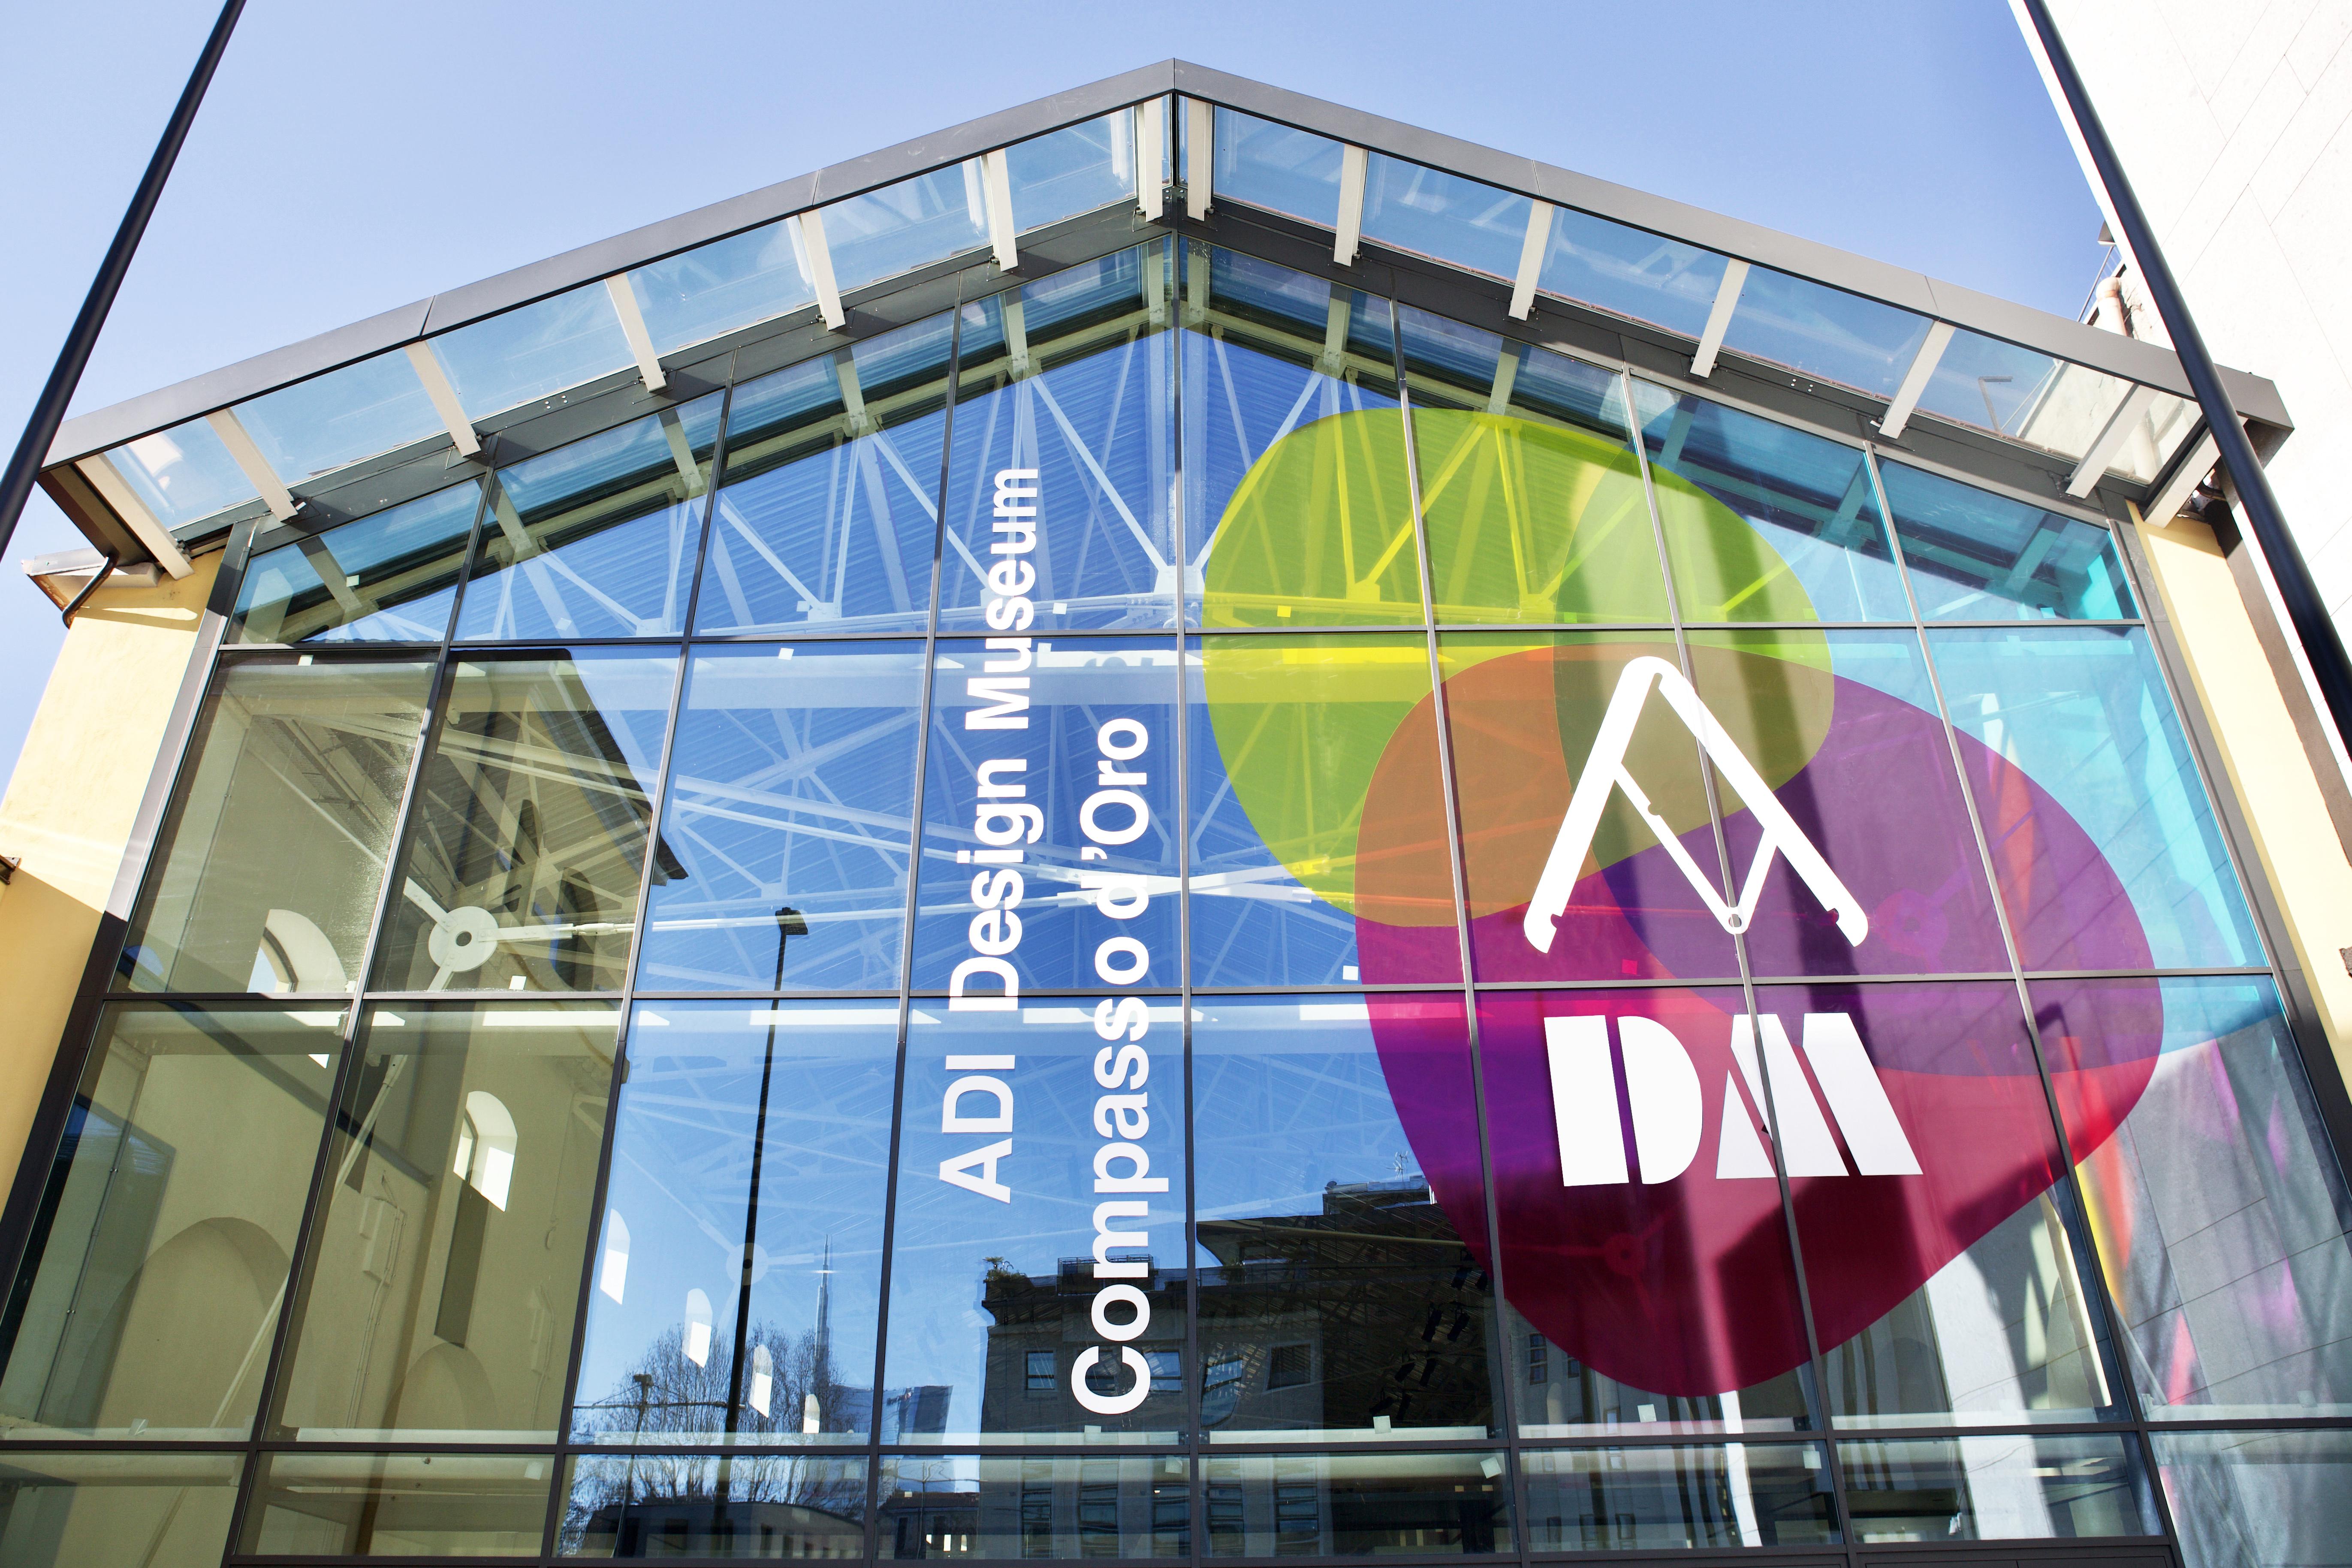 The facade of Milan's ADI Design Museum.